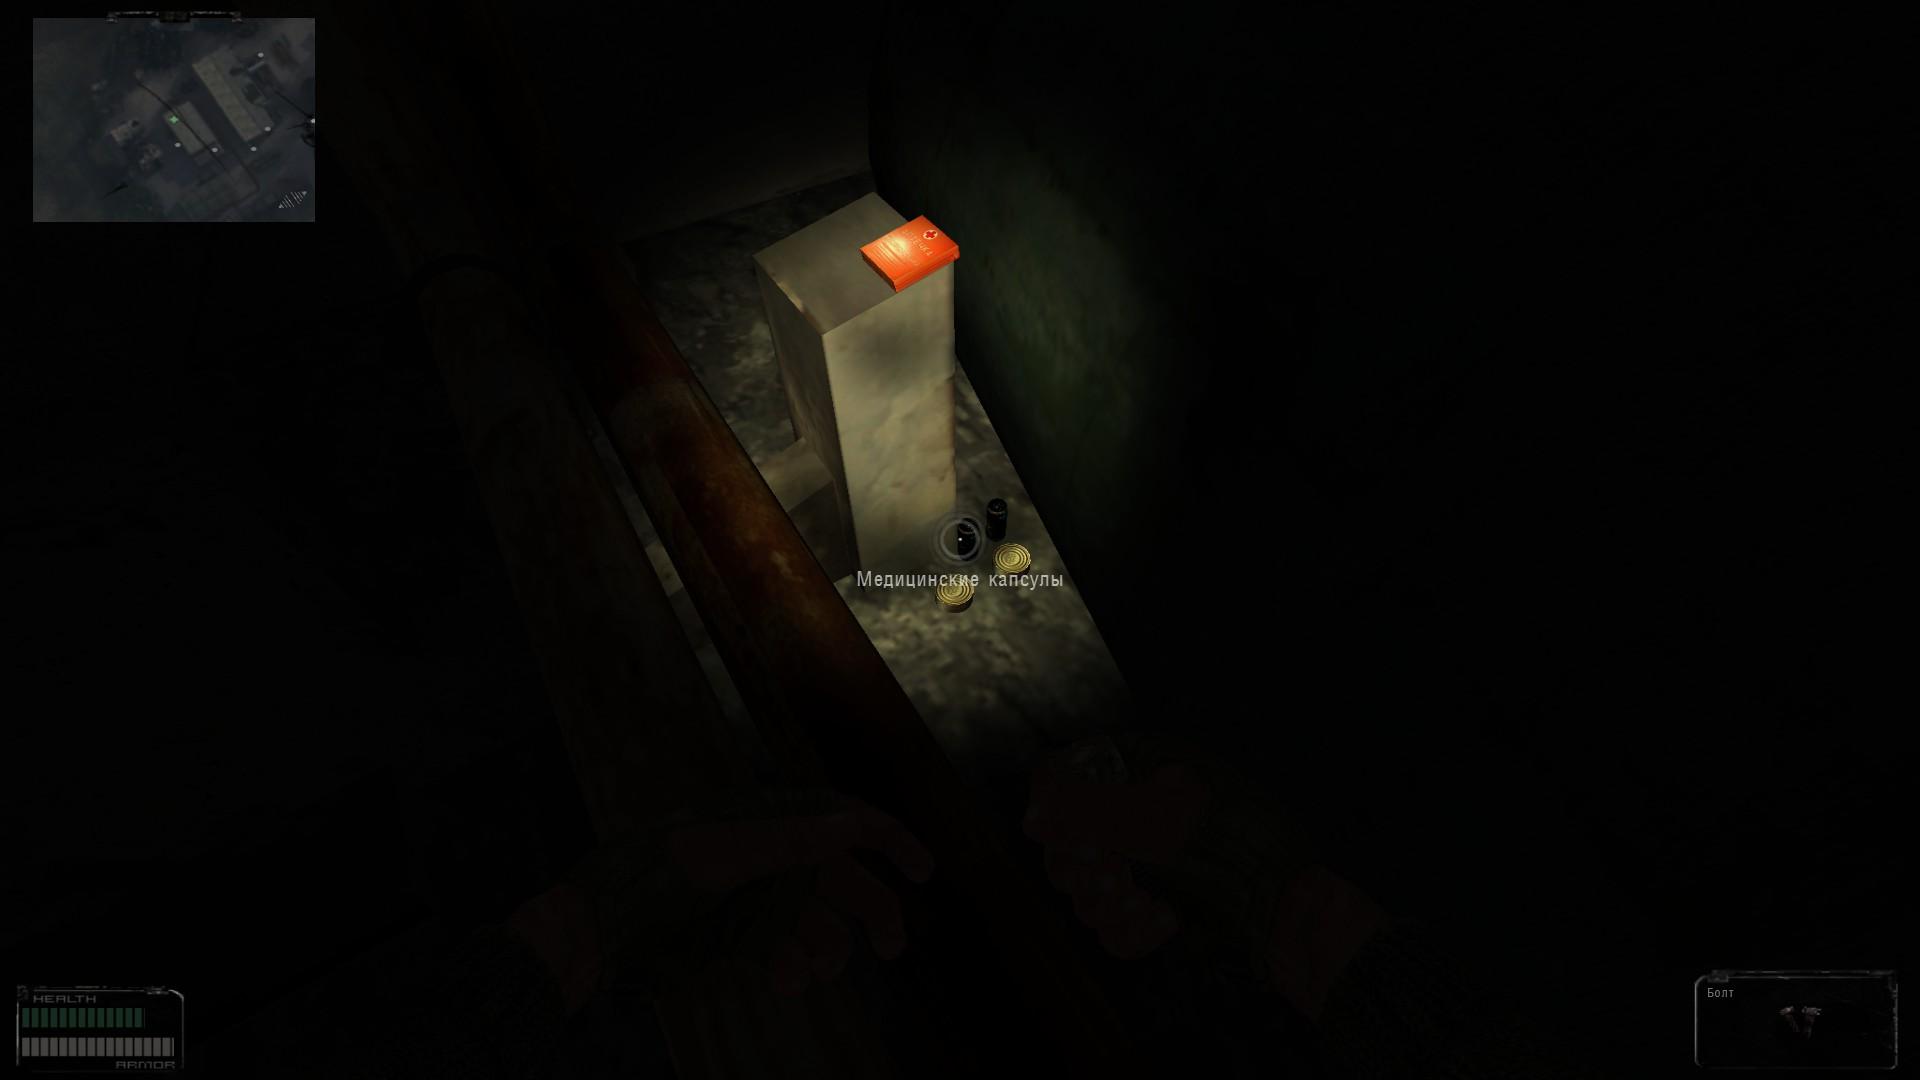 Oblivion Lost Remake 2.5 image 225